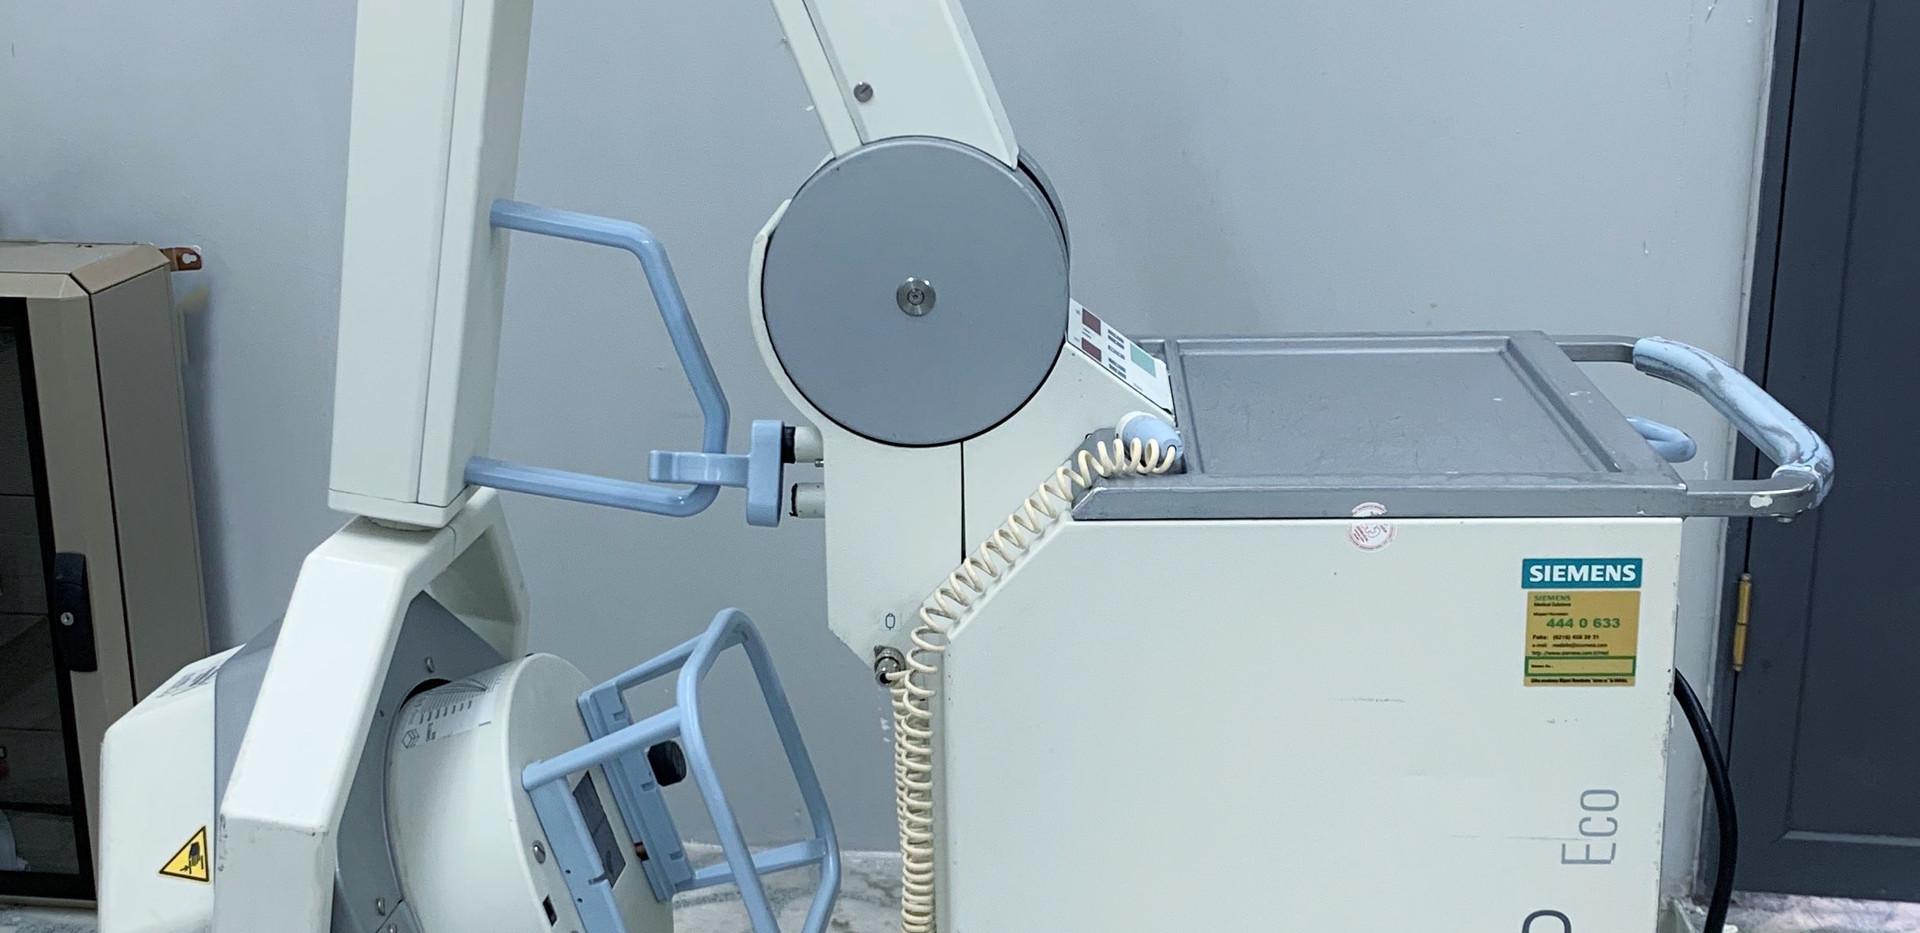 Siemens Mobilett XP Mobil Röntgen